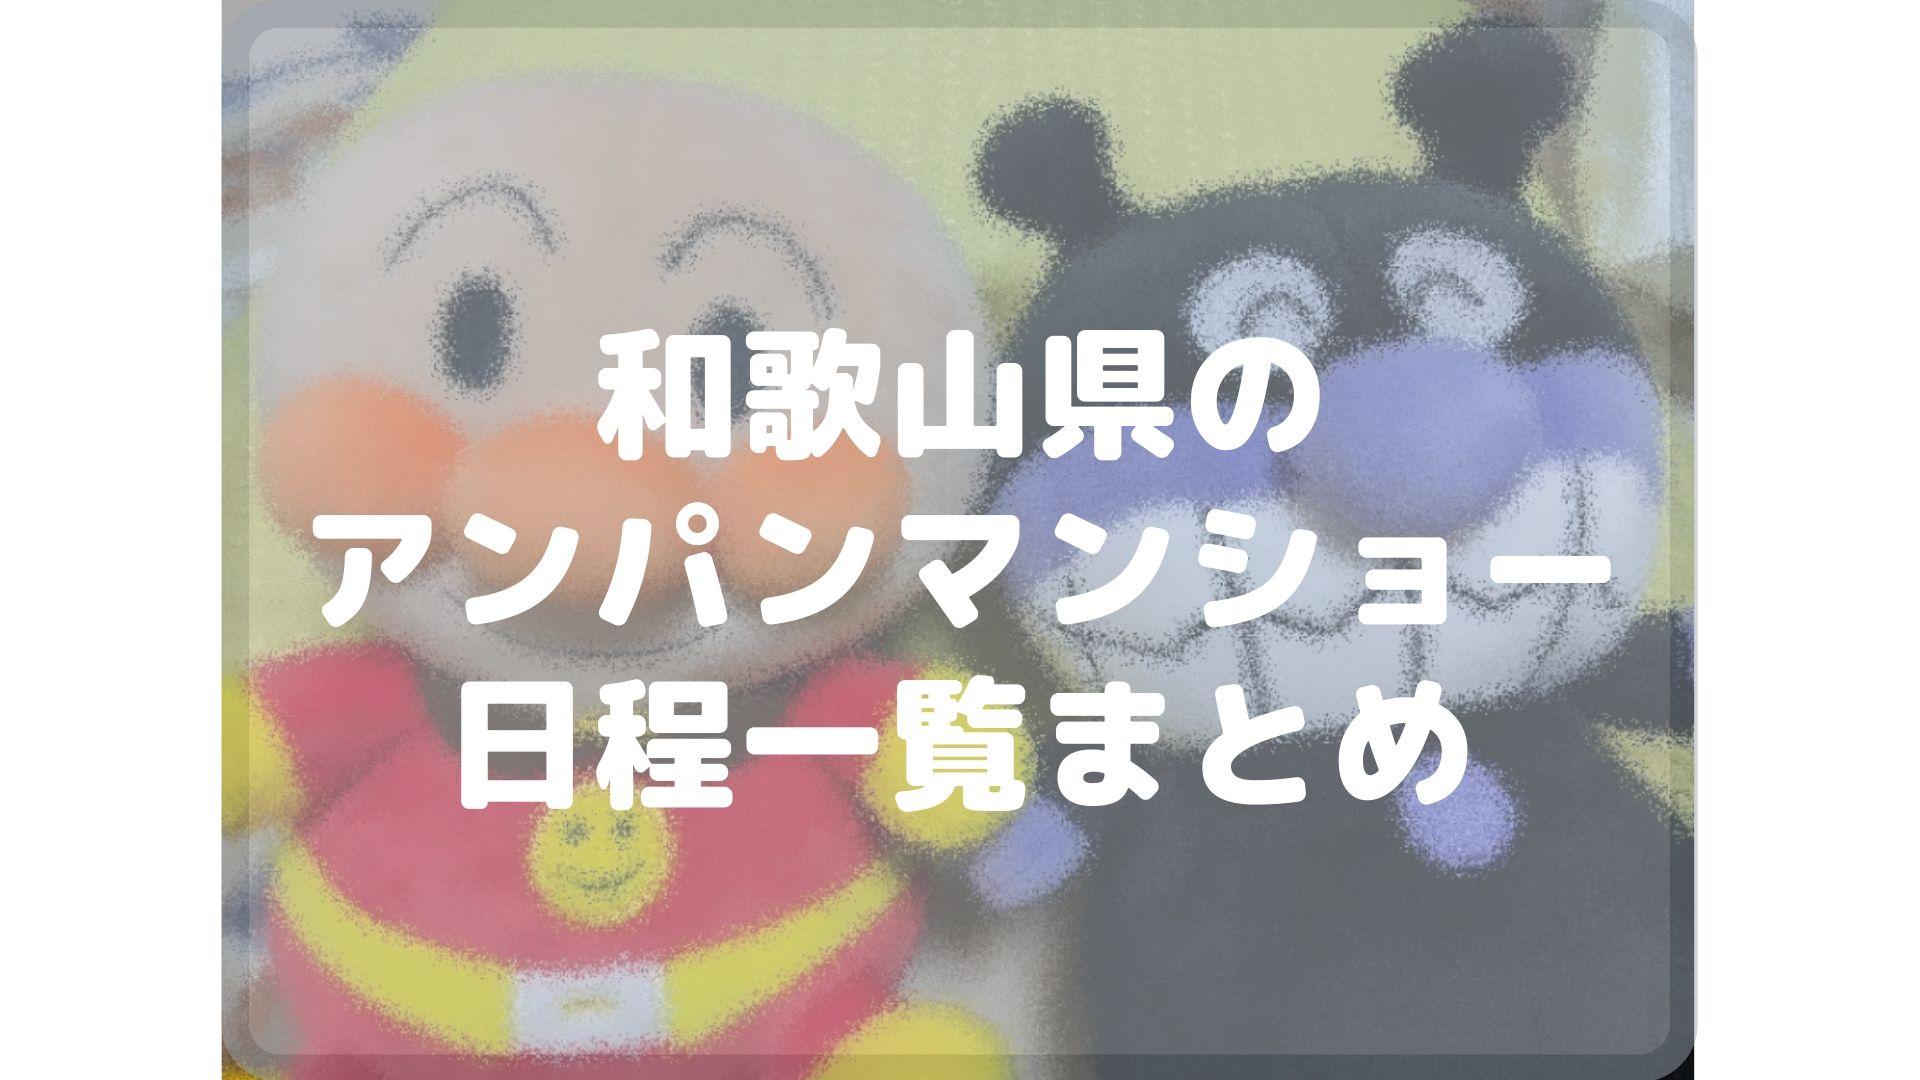 和歌山県のアンパンマンショーまとめタイトル画像